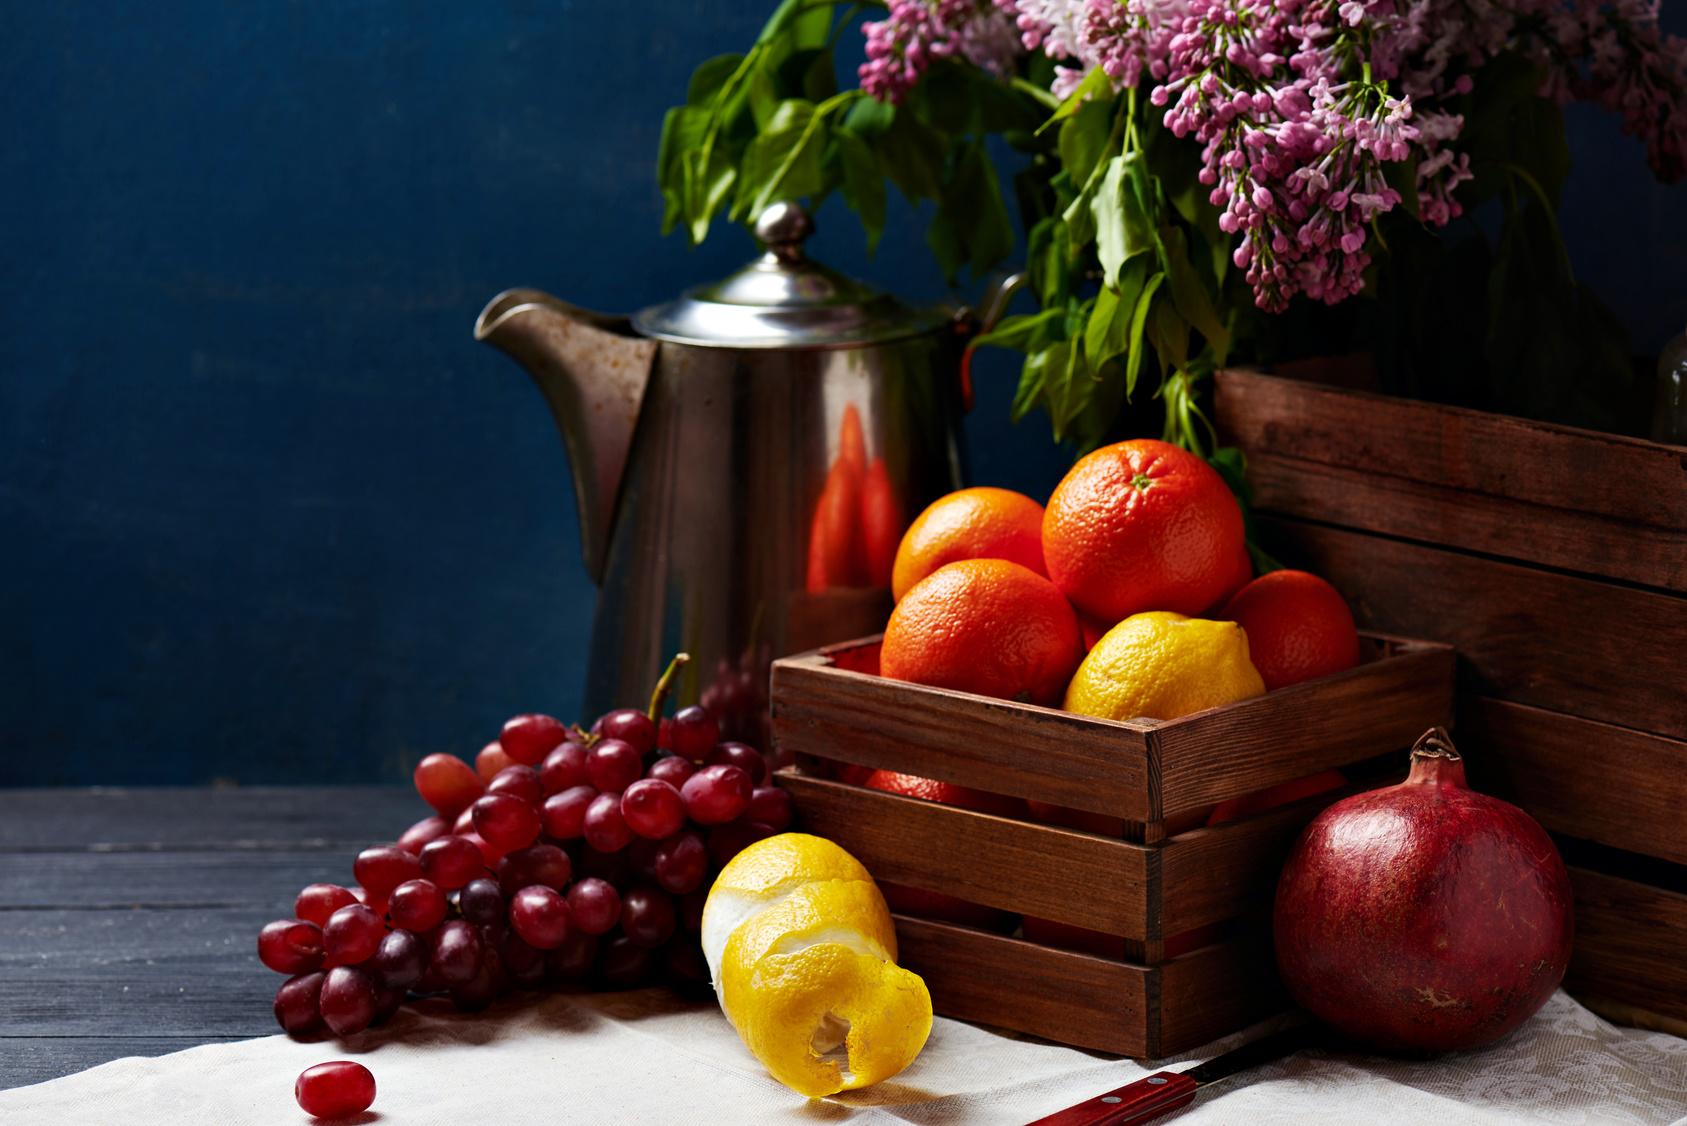 Grenade, tomate et raisins